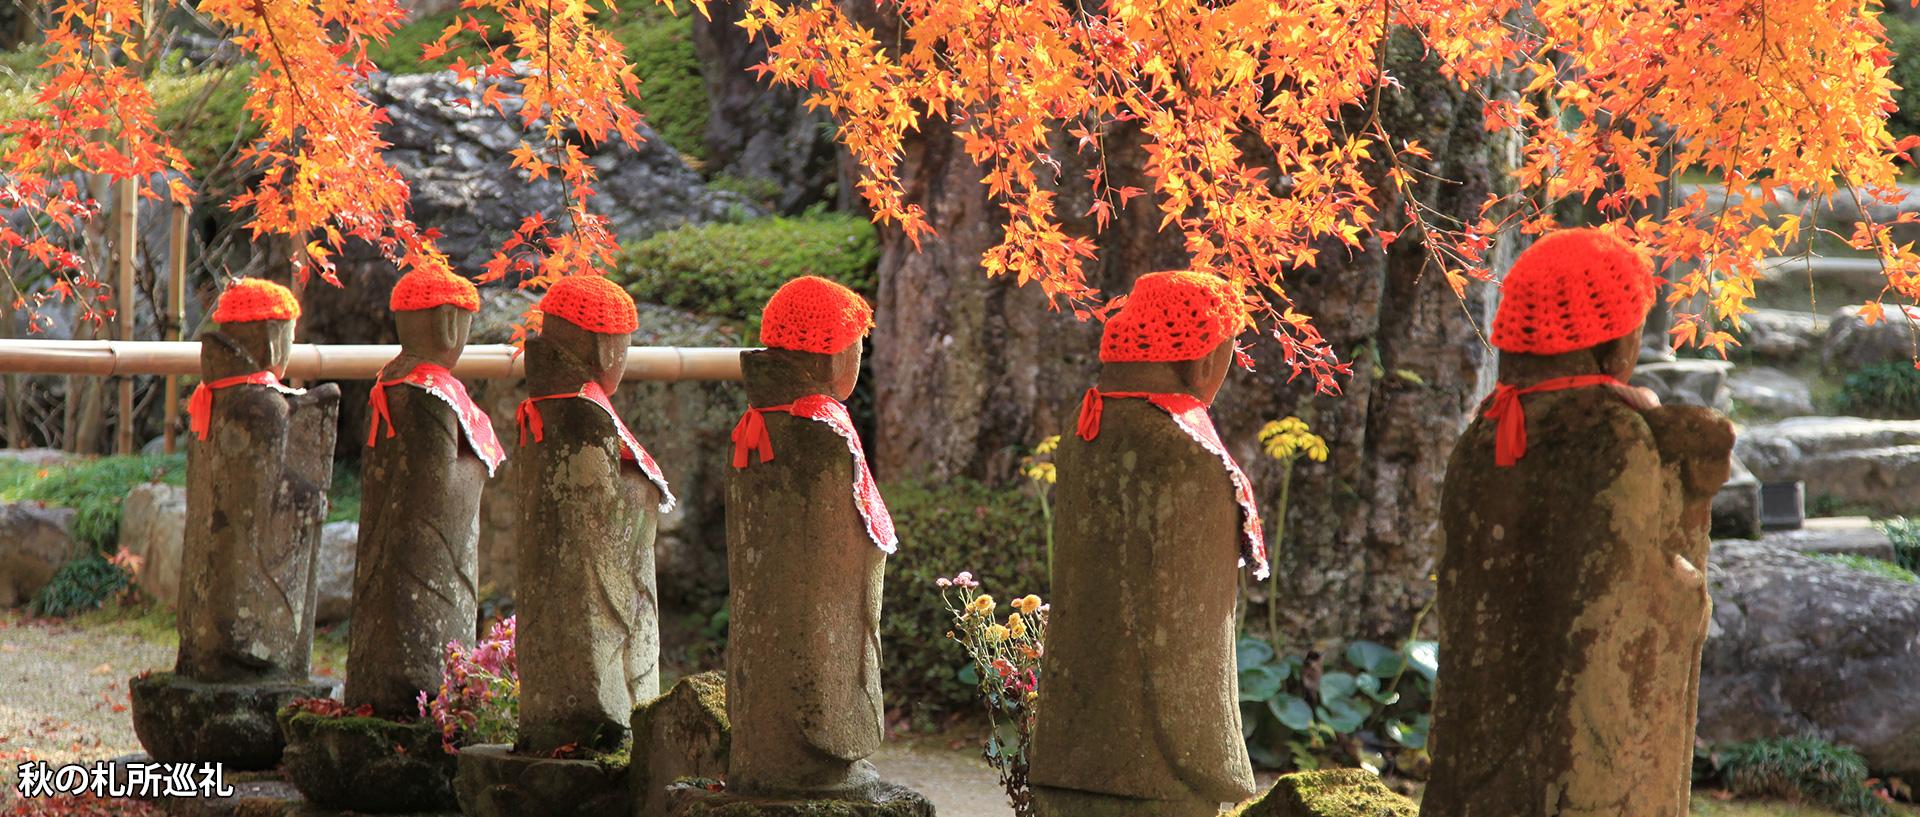 秋の札所巡礼